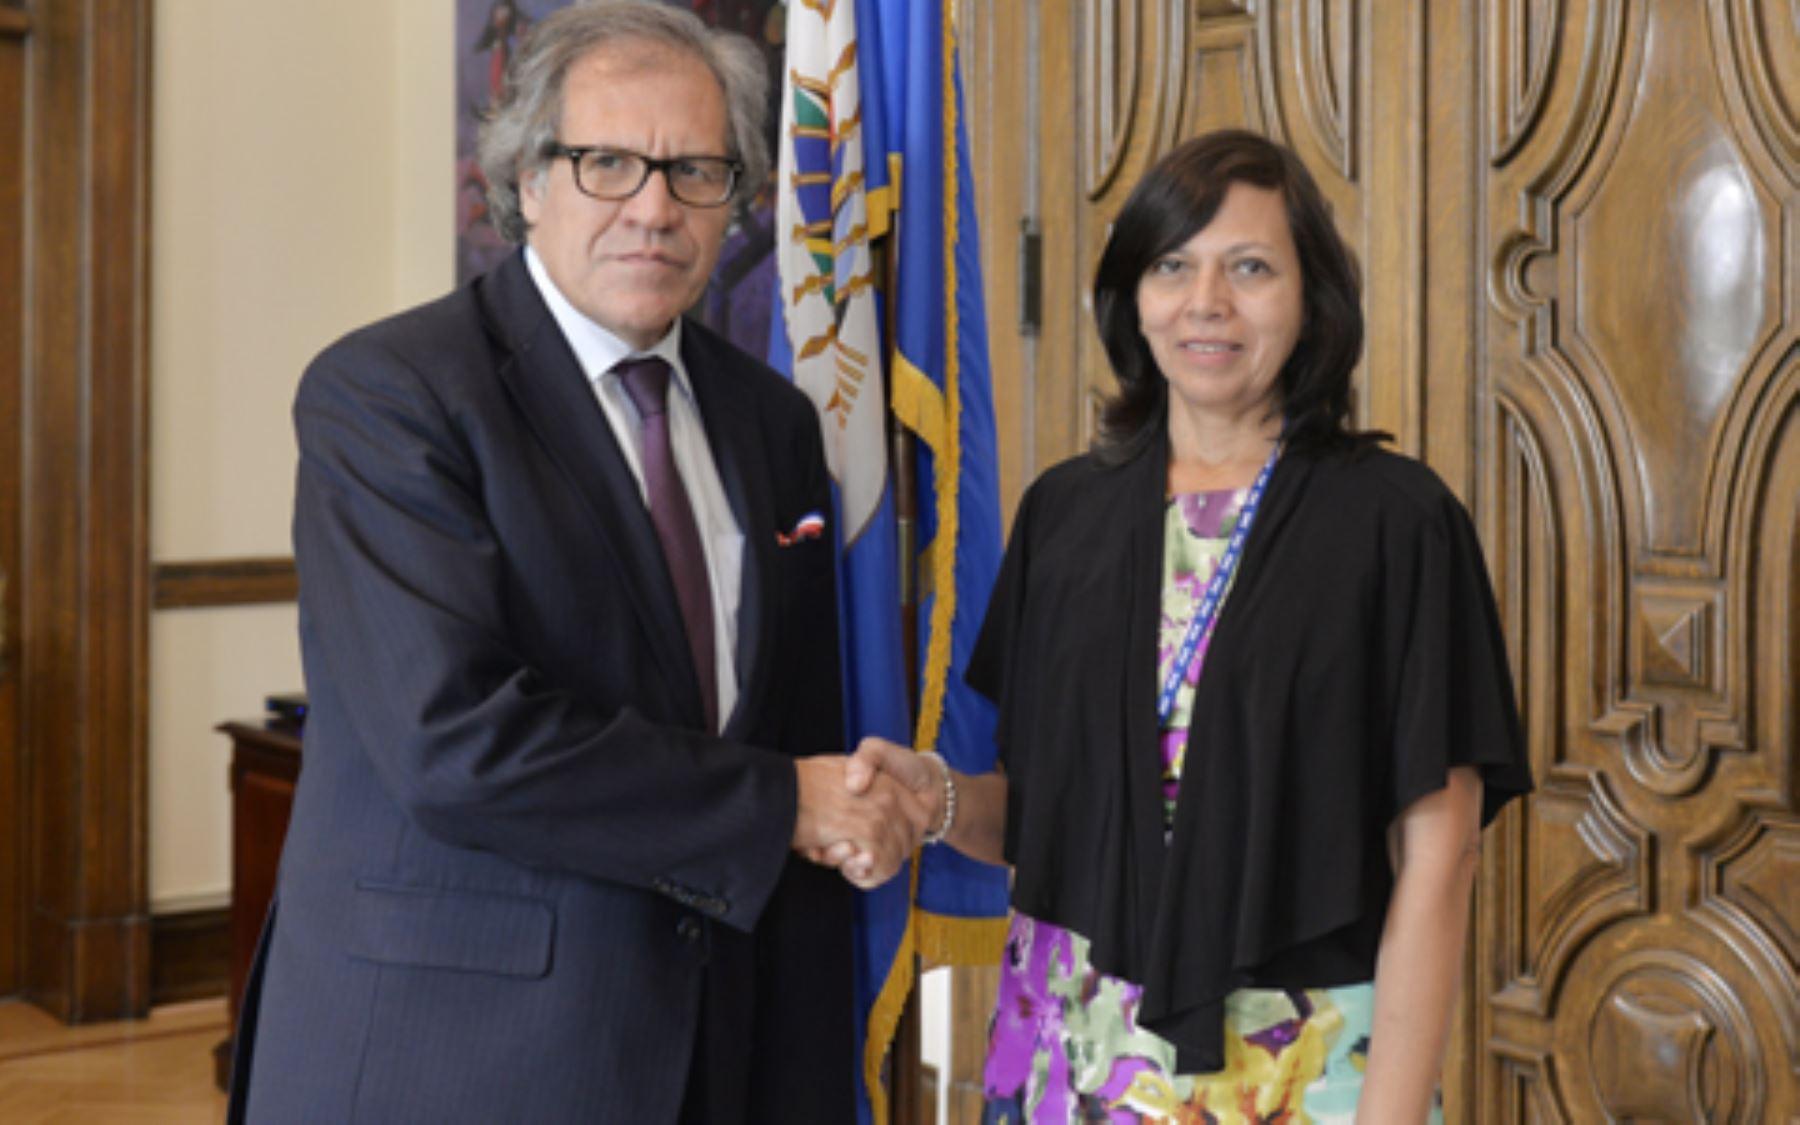 El Secretario General de la OEA, Luis Almagro, se reúne con canciller Ana María Sánchez